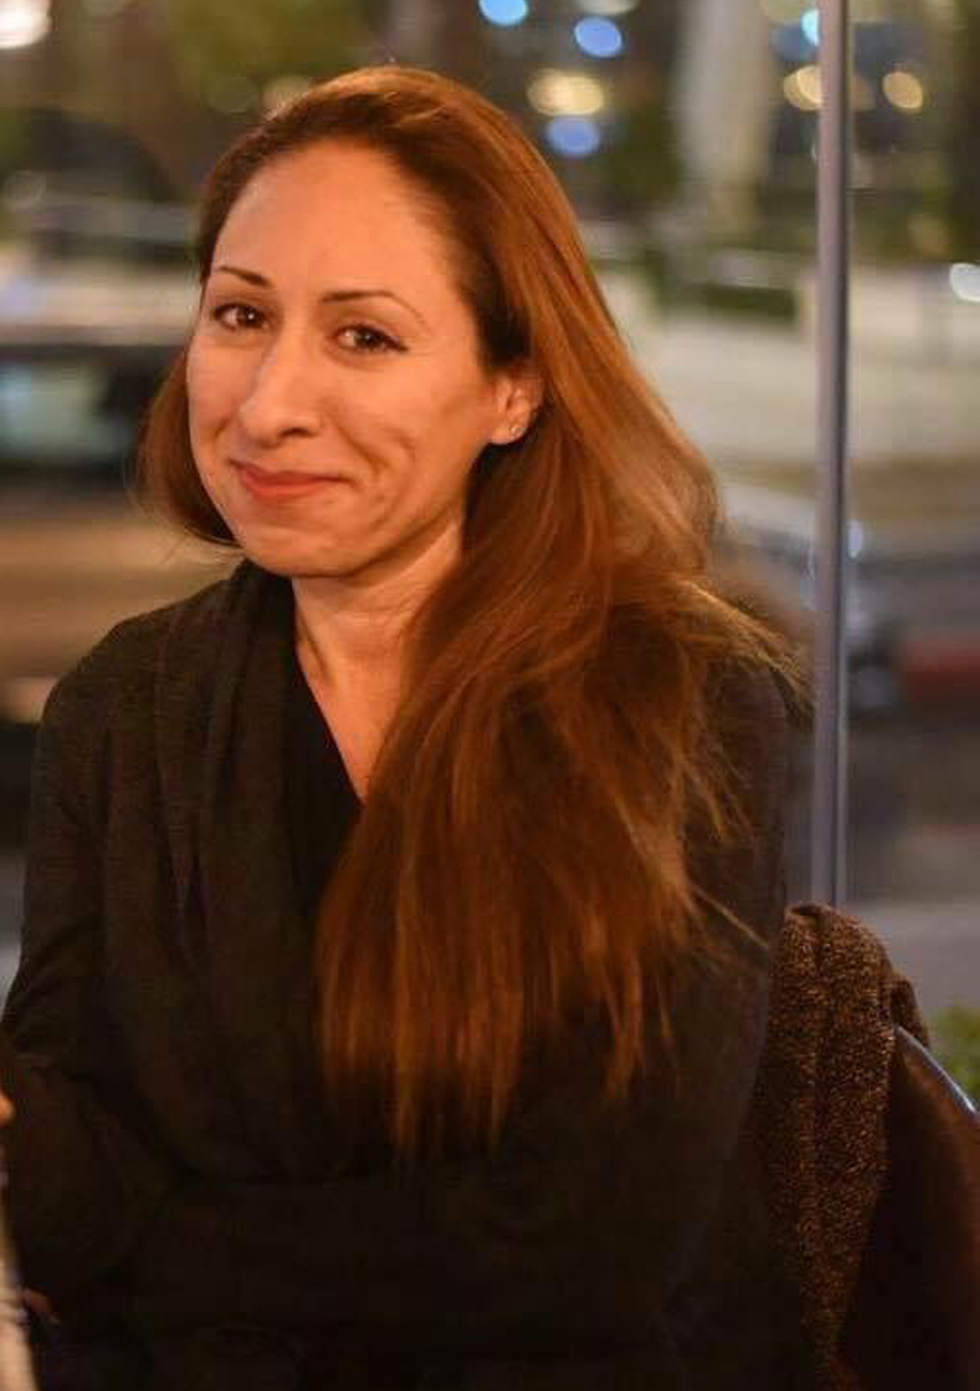 מאי ערו, מנהלת תחום שפות ביוזמות אברהם ()